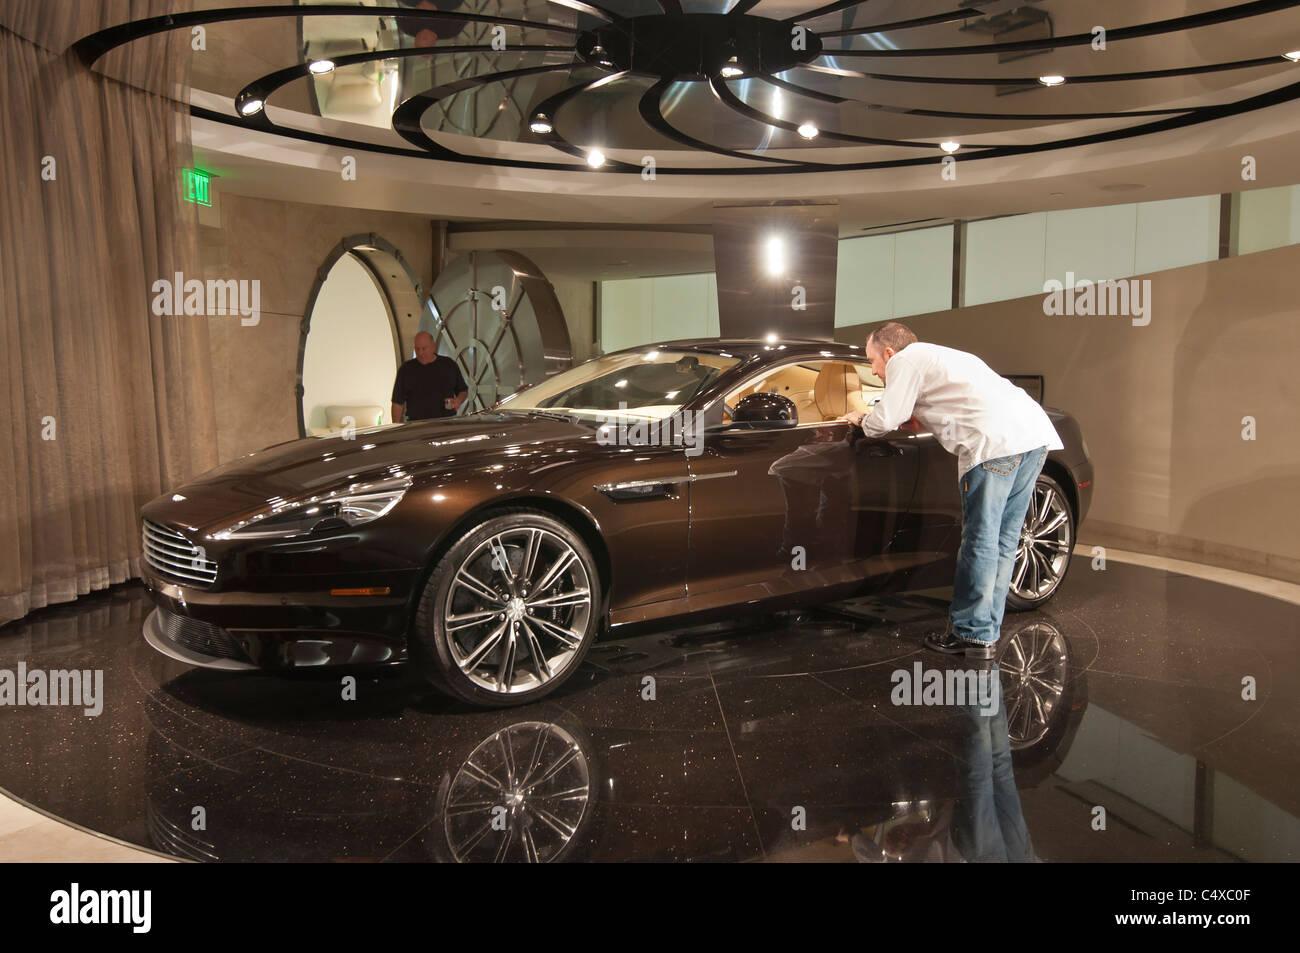 Aston Martin Dealer Stock Photos Aston Martin Dealer Stock Images - Galpin aston martin